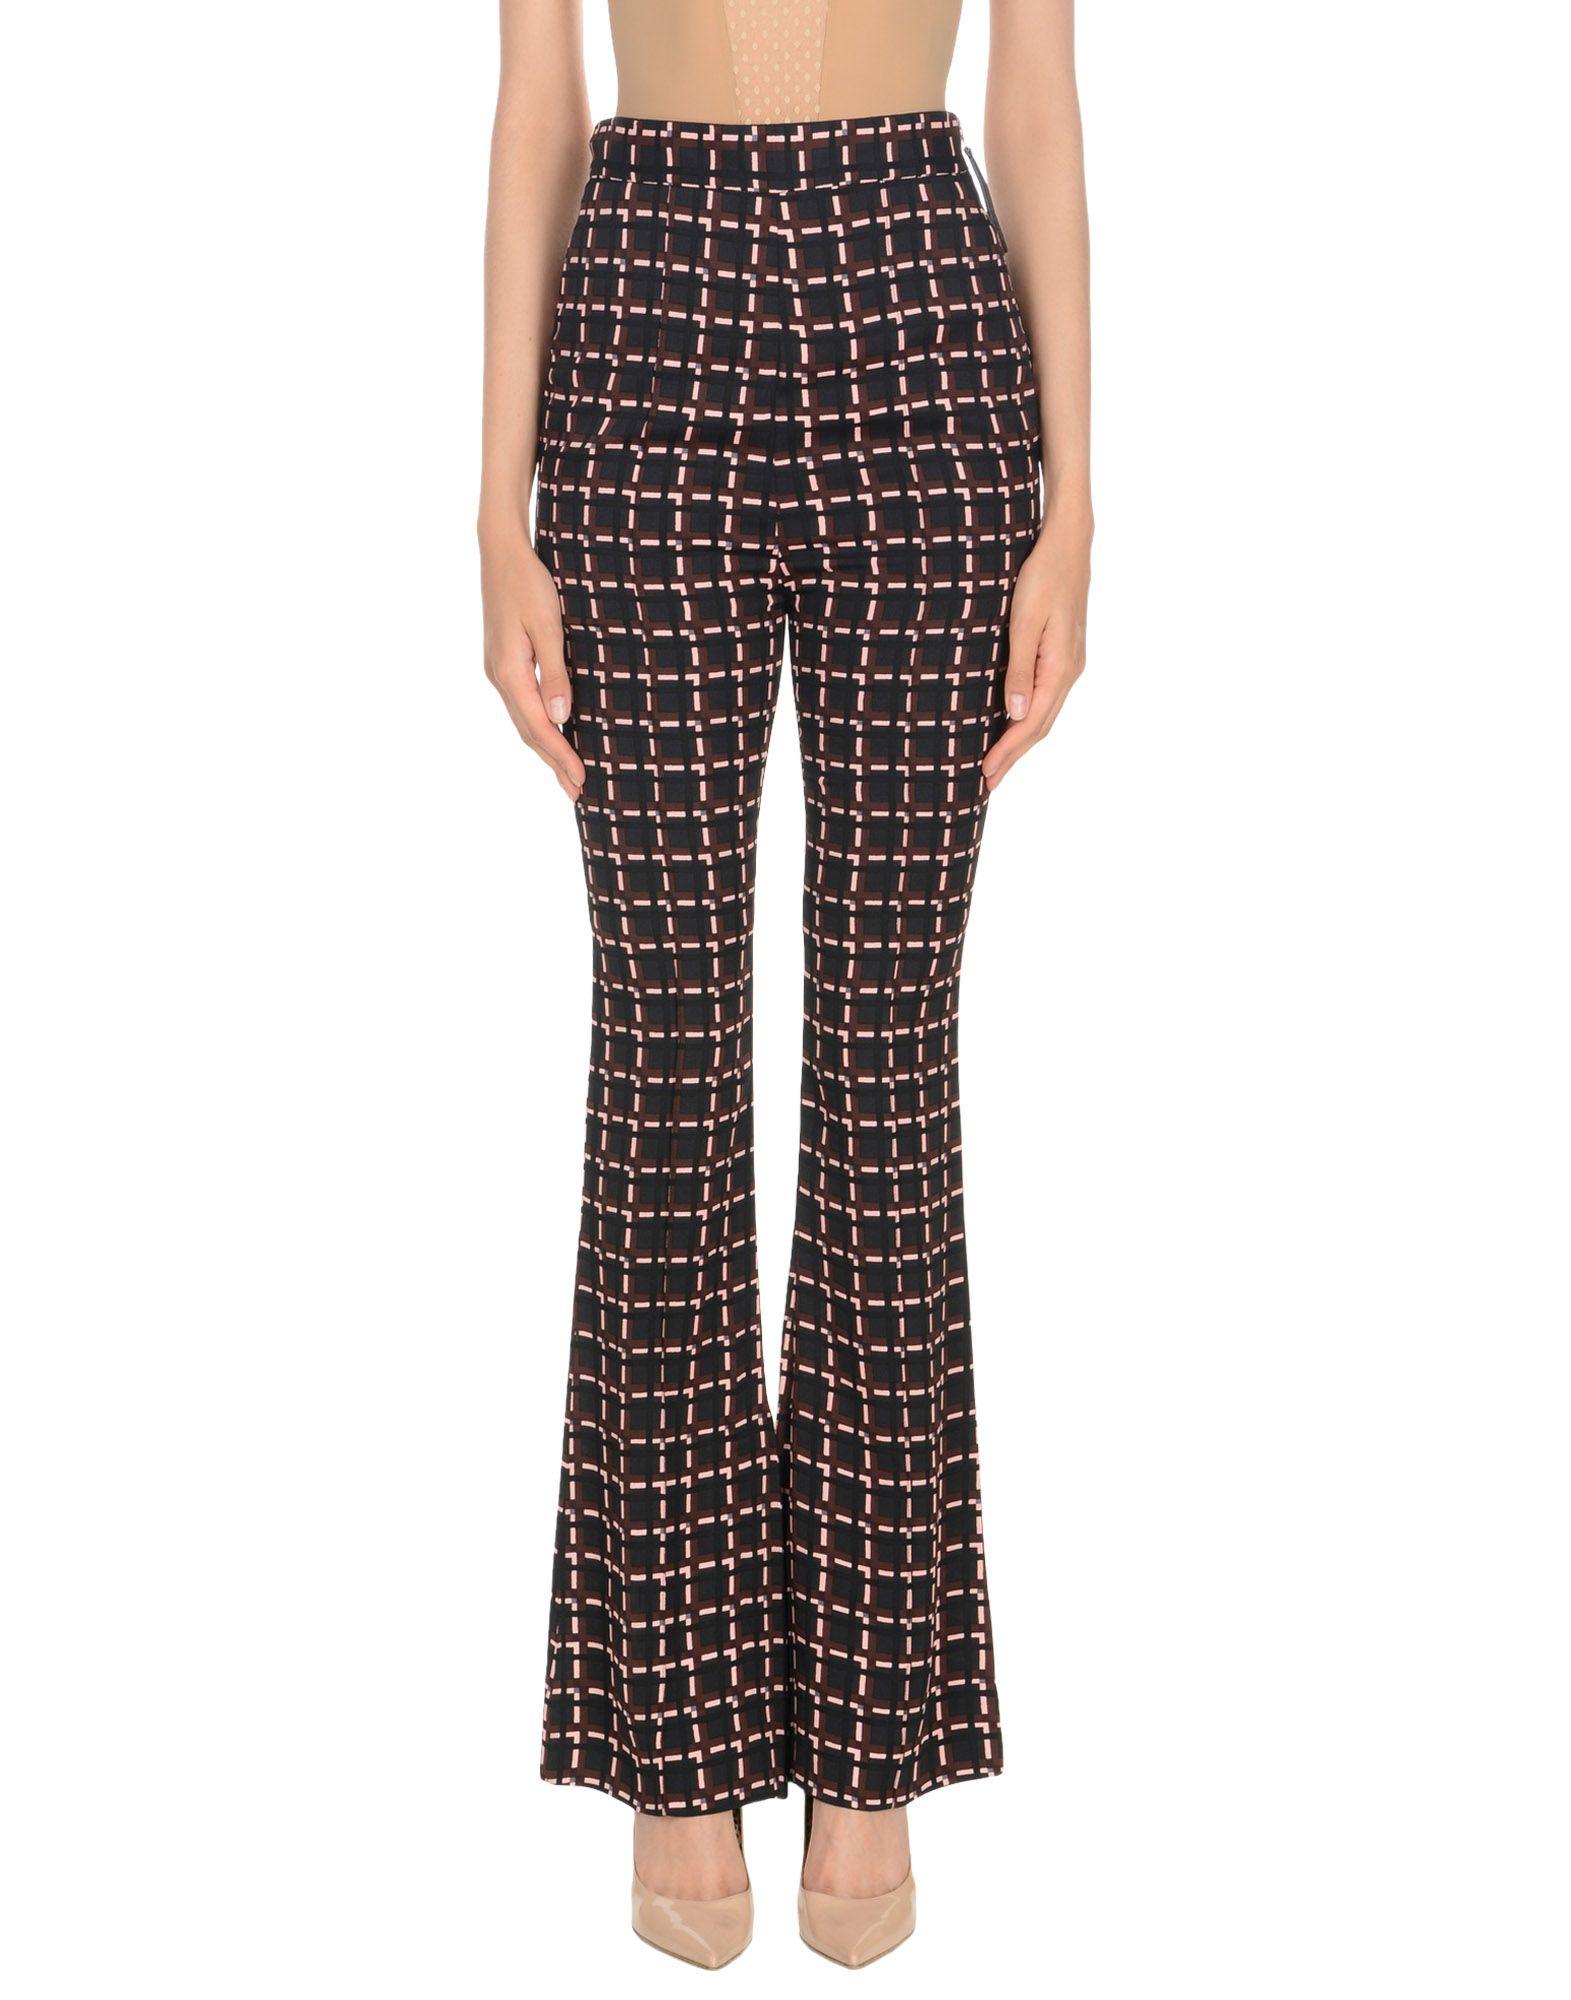 Pantalone Marni damen - 13185195KQ